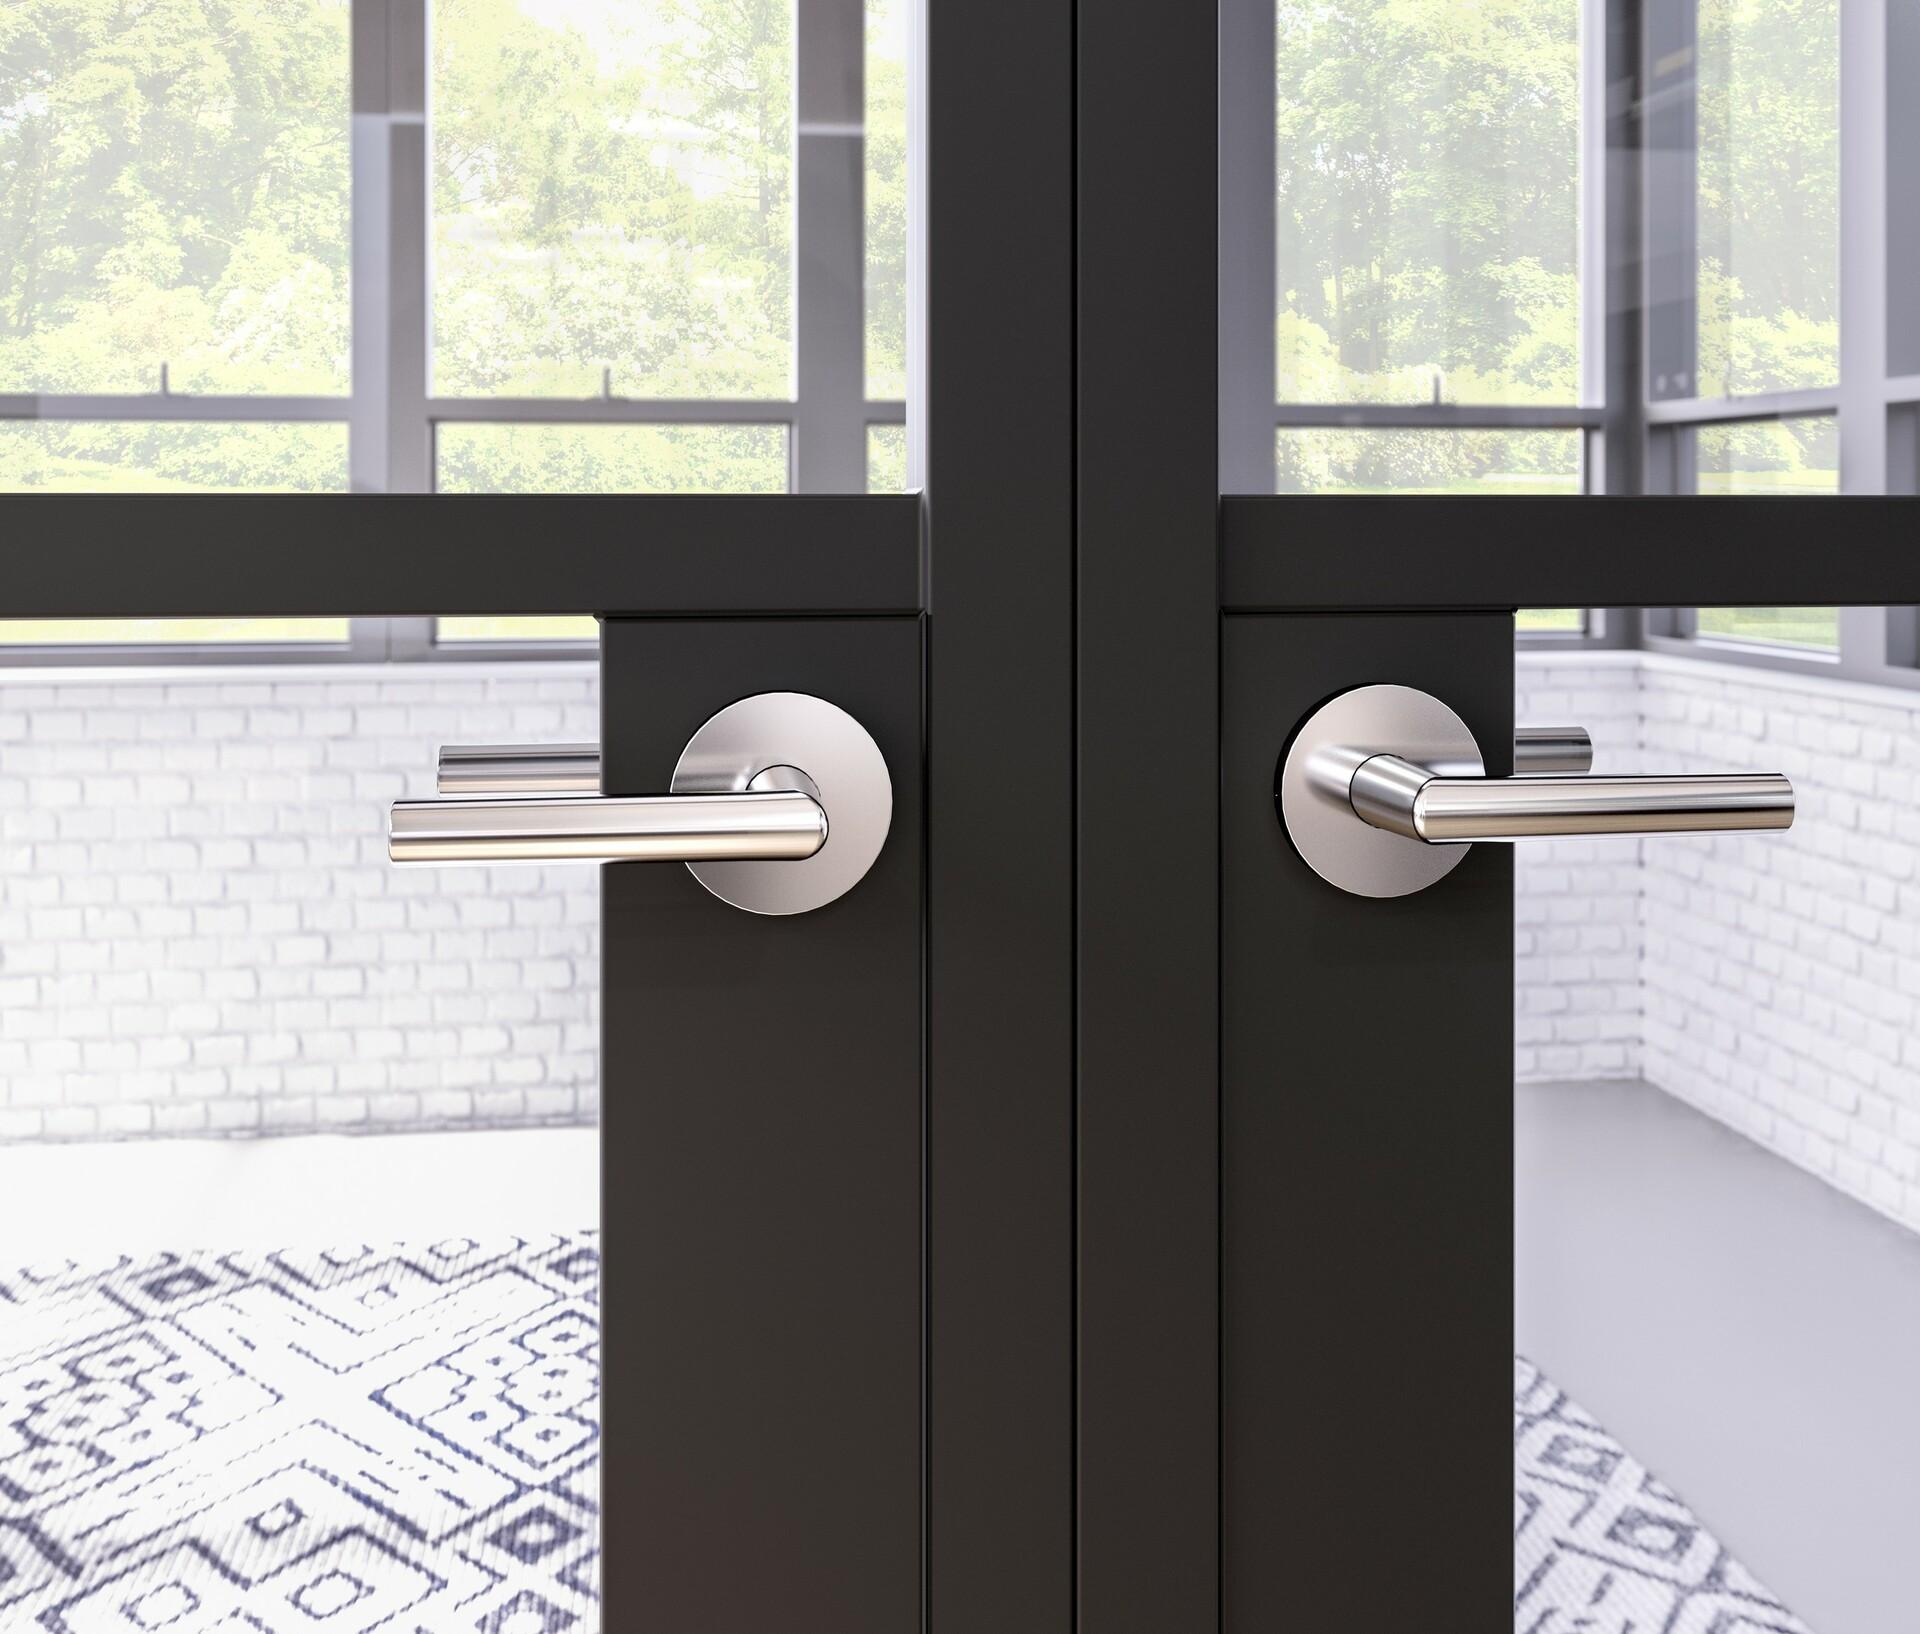 Derek malone stealer faucet kitchen handle detail r2